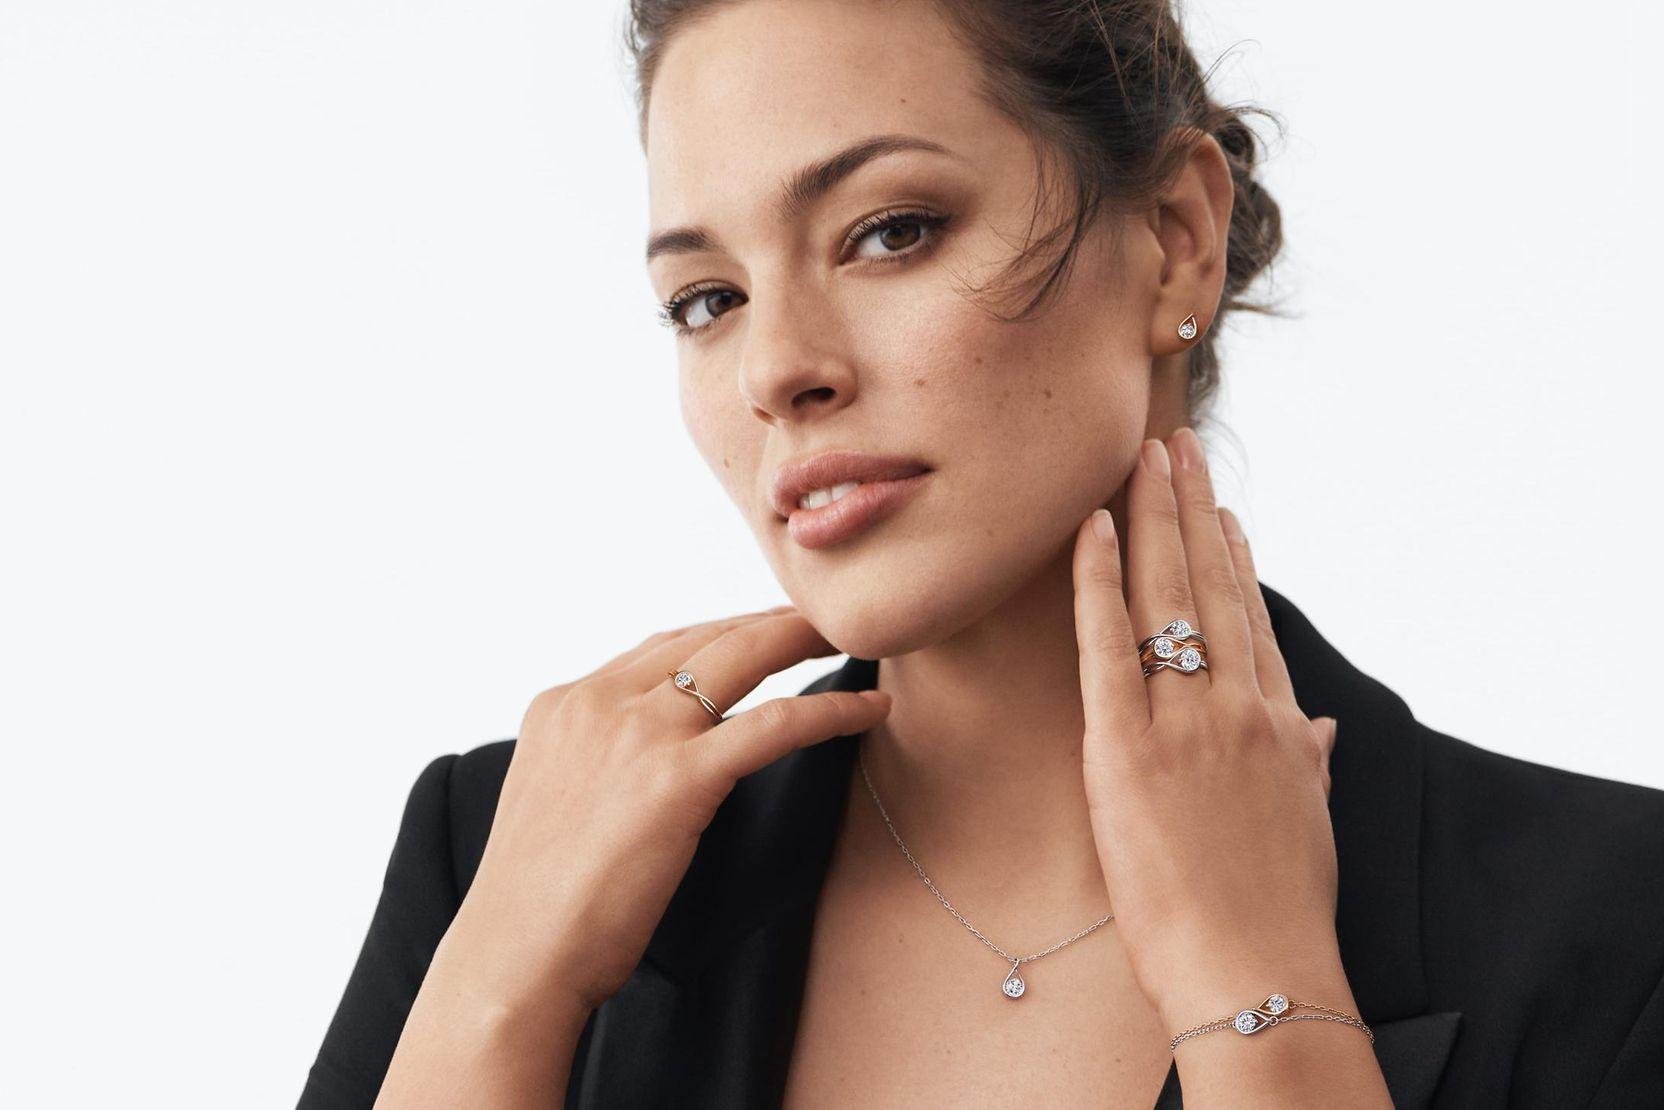 丹麦珠宝品牌 Pandora 上季度全球业绩表现强劲,但中国市场依然不振